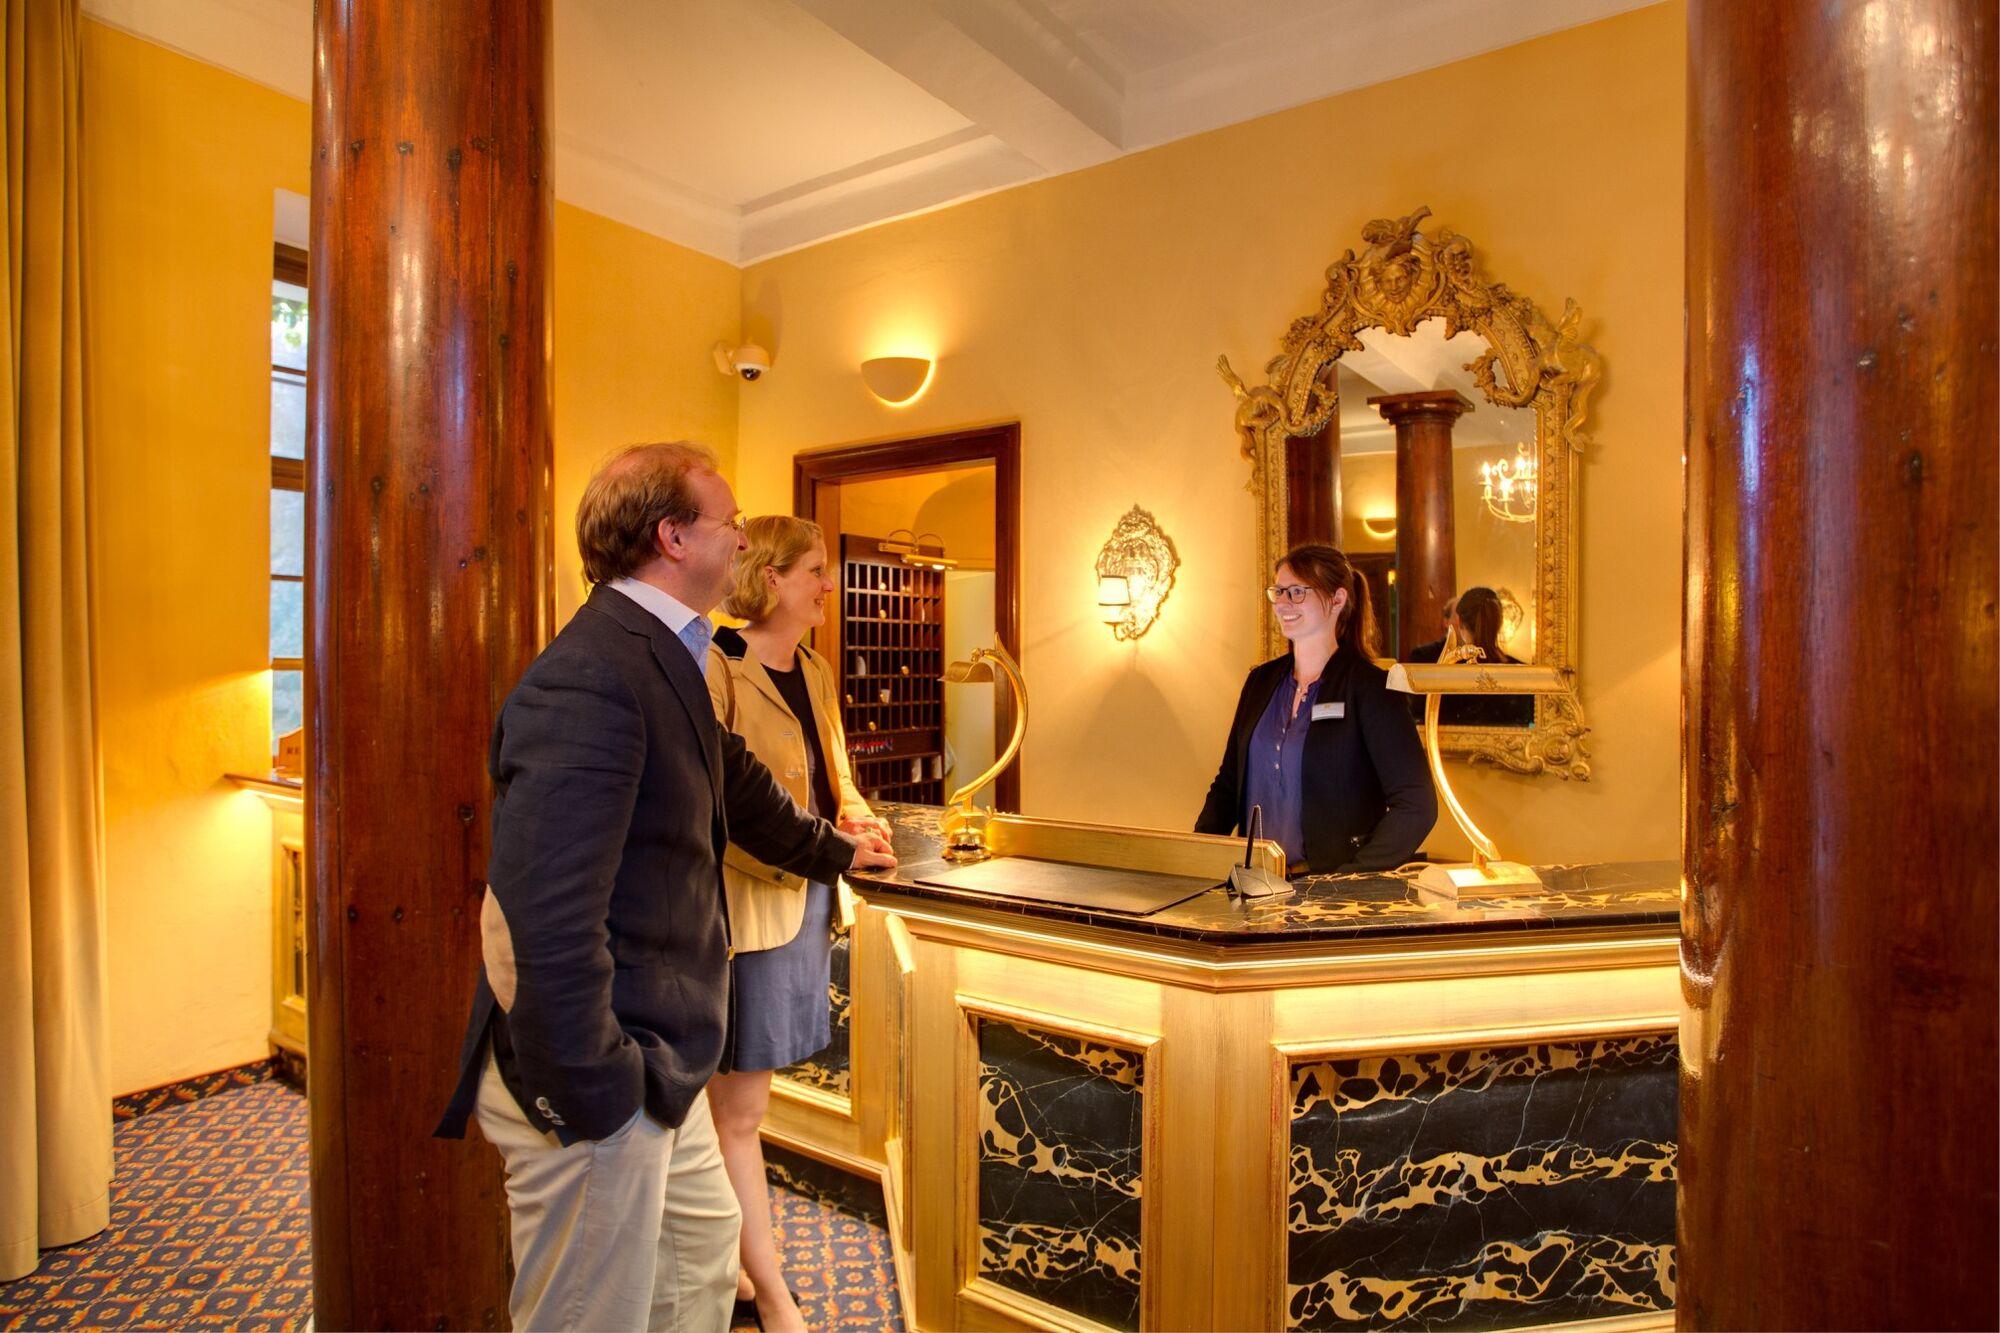 Schloss Brandenburg - Hotel Spreewald - Unterkunft Spreewald - Schloss Lübbenau im Spreewald